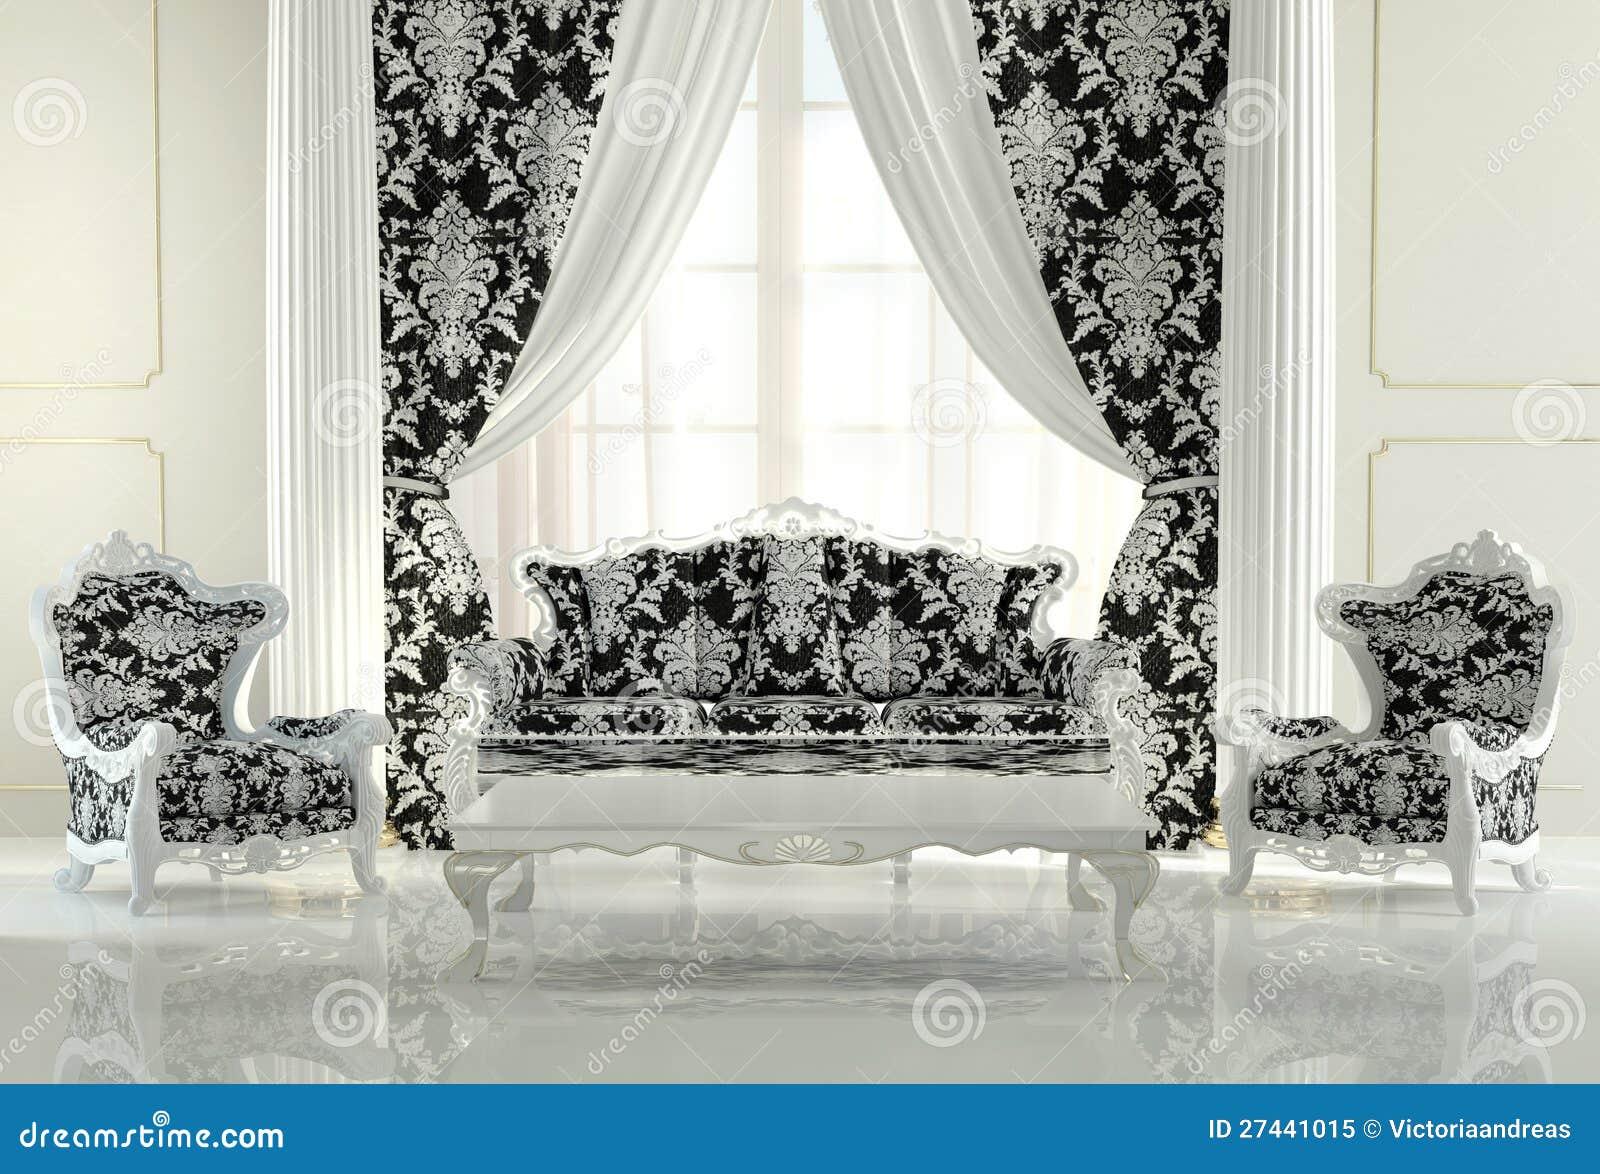 Muebles modernos en dise o barroco foto de archivo libre - Muebles estilo barroco moderno ...